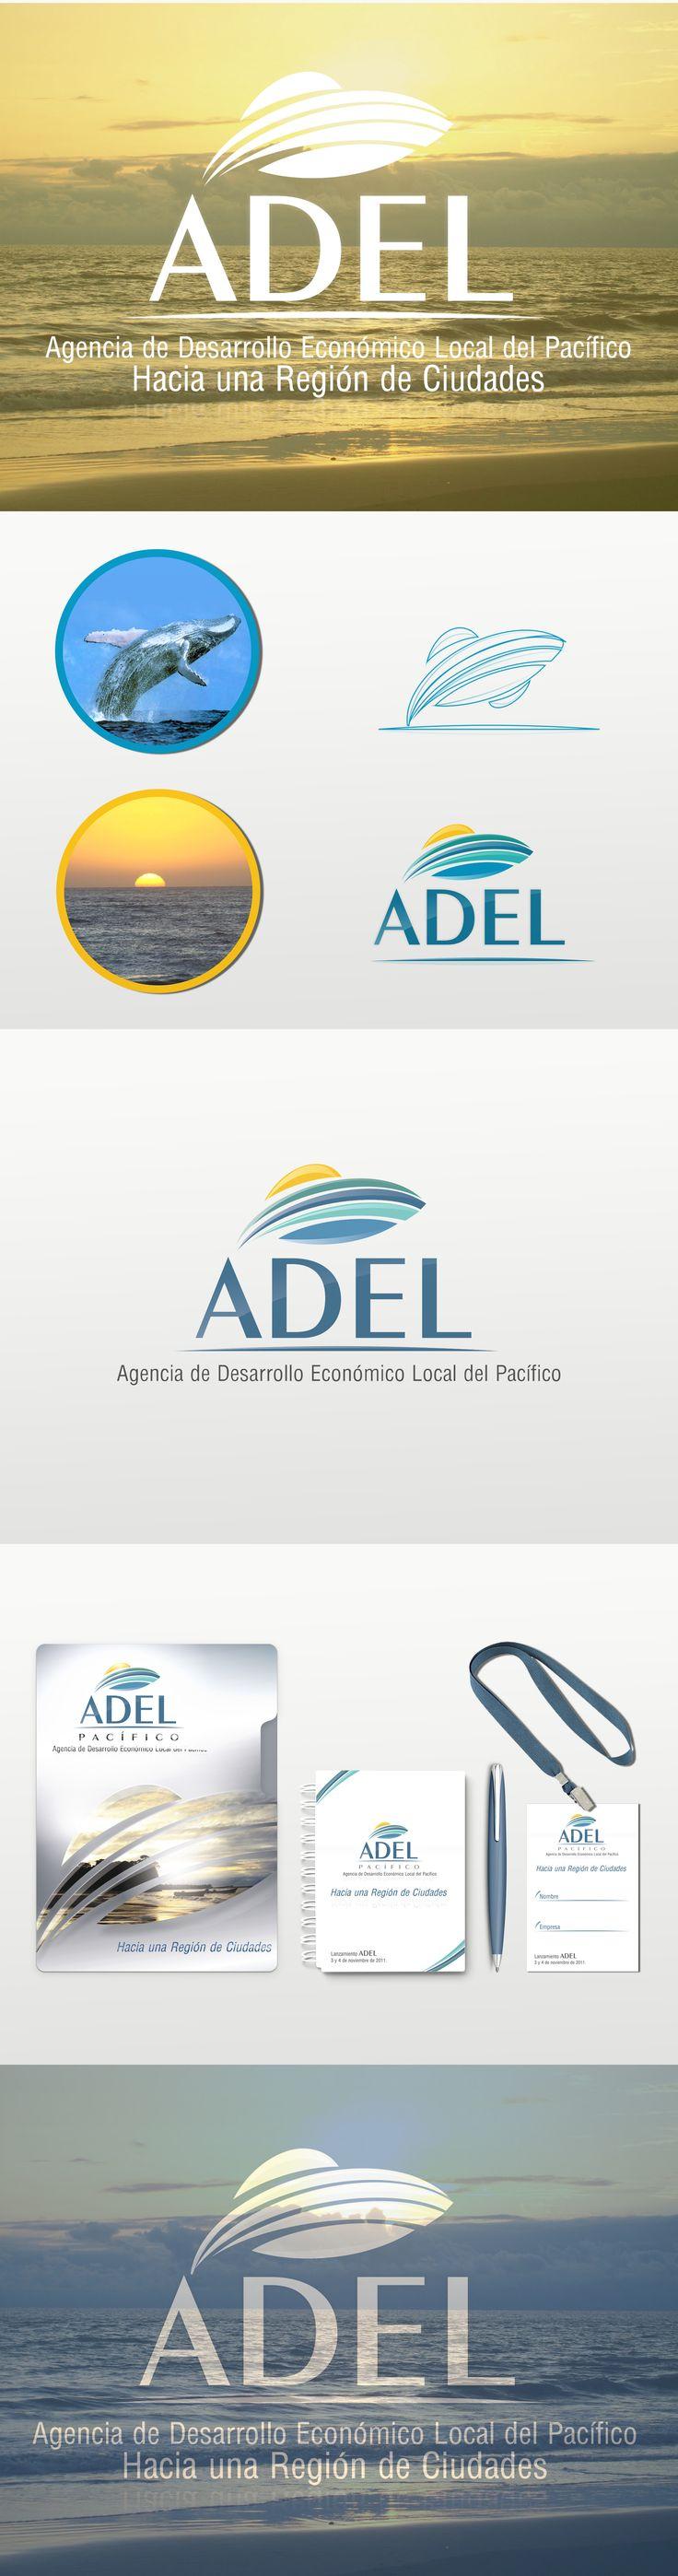 Desarrollo de marca | Branding ADEL | Agencia de desarrollo económico local del pacífico colombiano #Branding #marca #identidadvisual